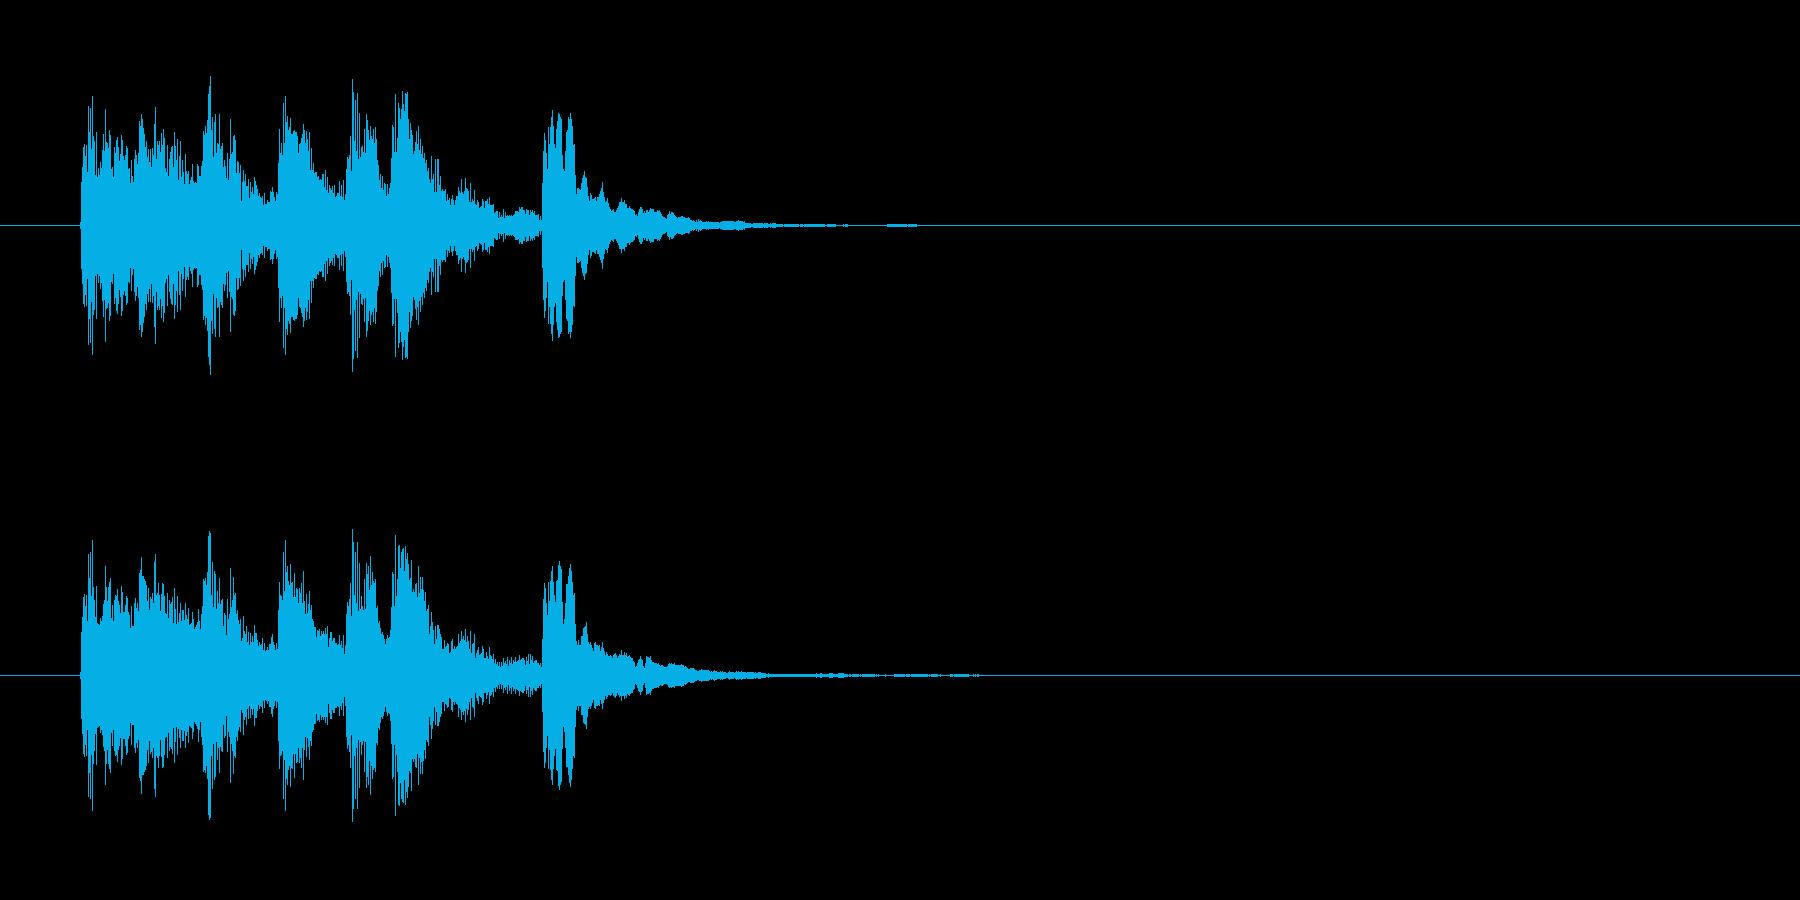 ラテン系のサウンドロゴ(スチールパン)の再生済みの波形